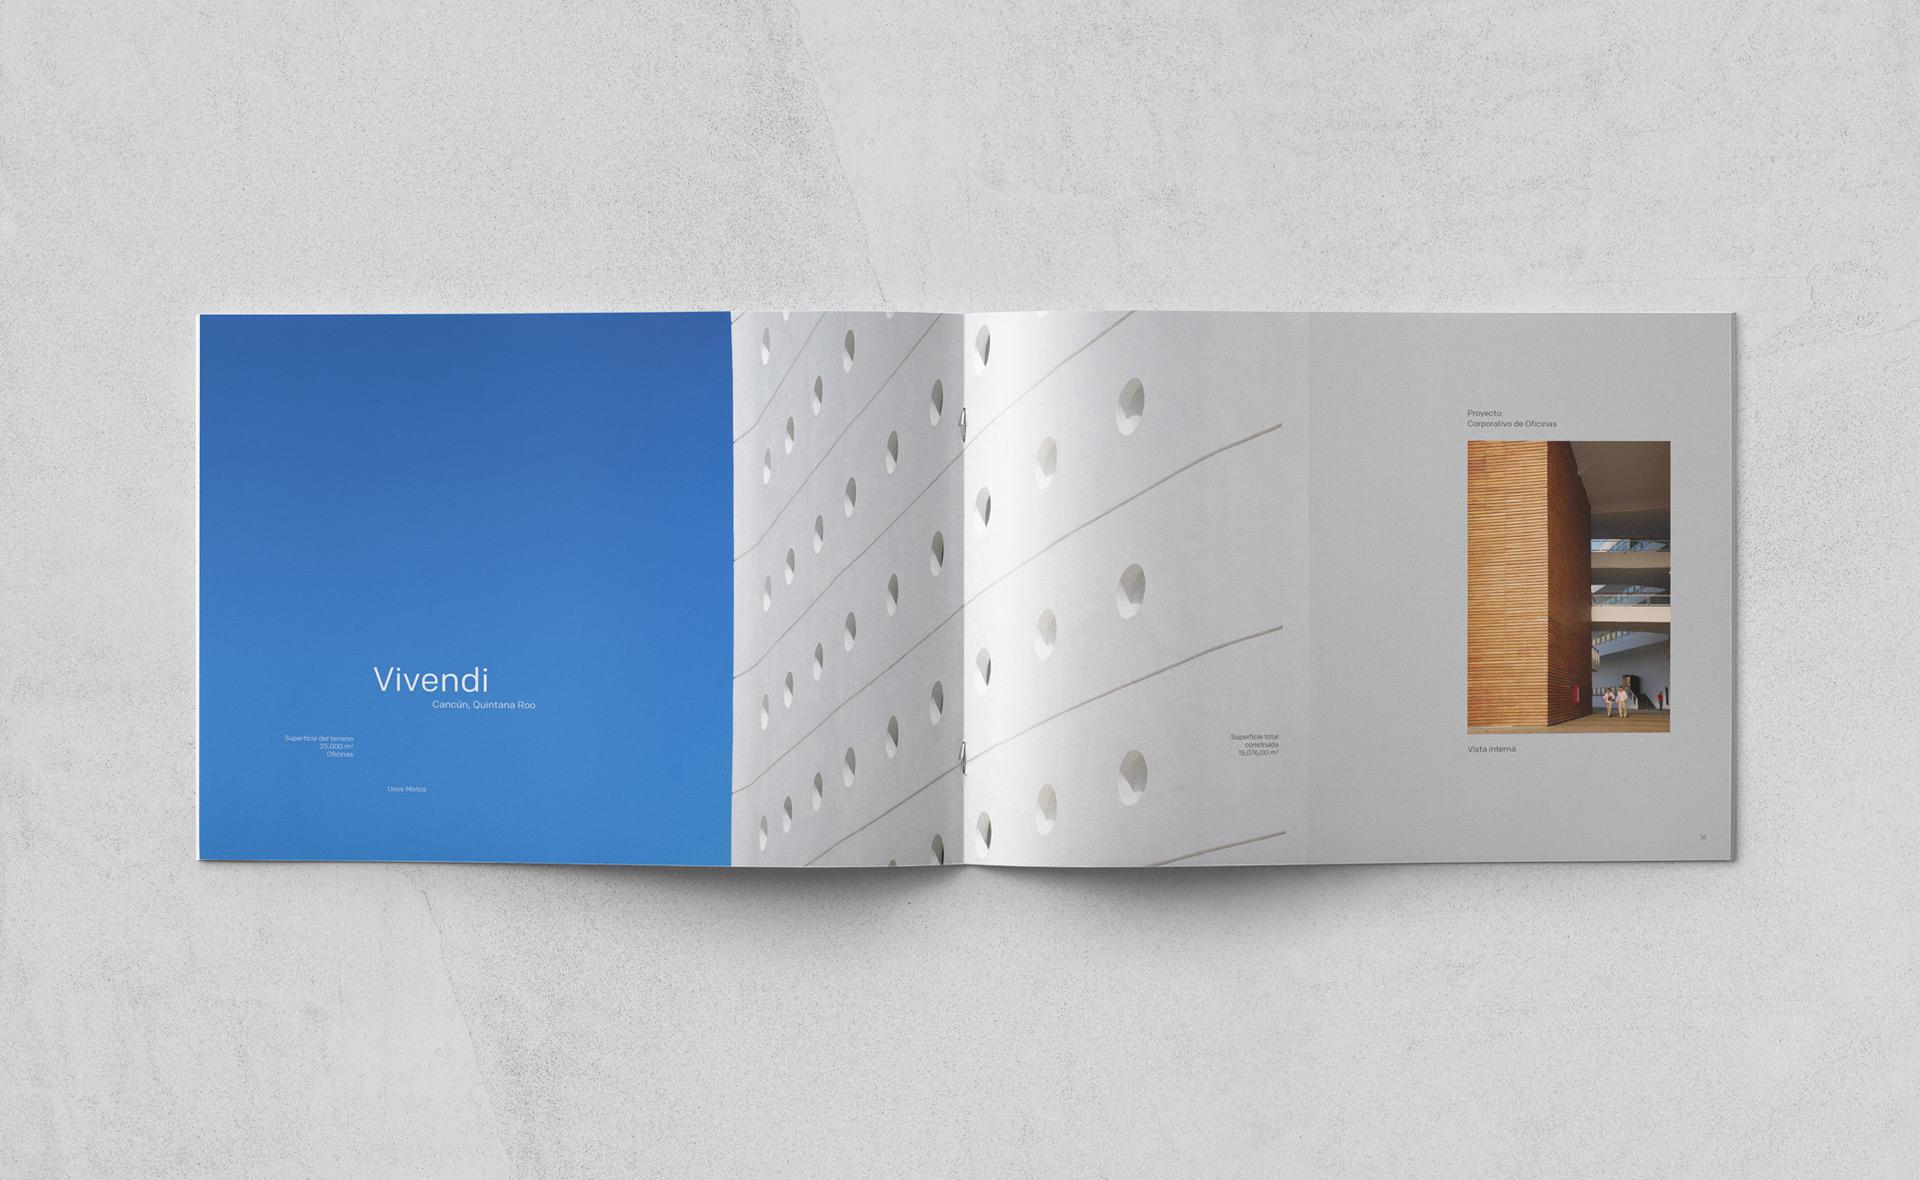 03_ar_catalogo_brochure_identidad_corporativa_marca_logo_guadalajara_buro3_agencia_publicidad